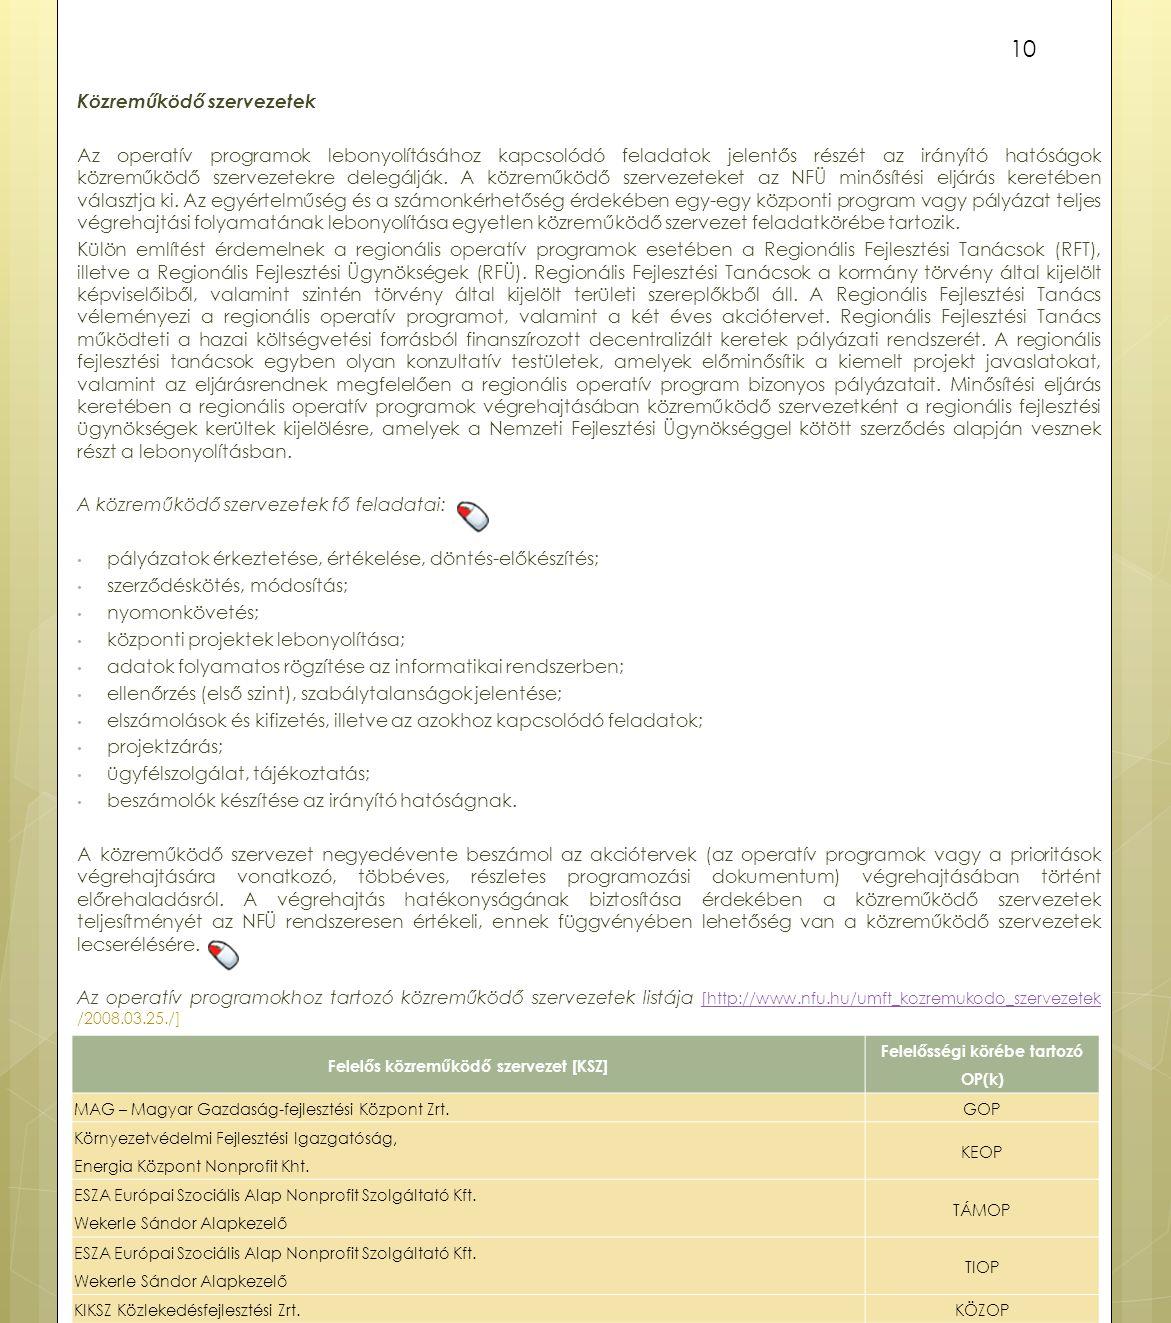 Felelős közreműködő szervezet [KSZ] Felelősségi körébe tartozó OP(k)